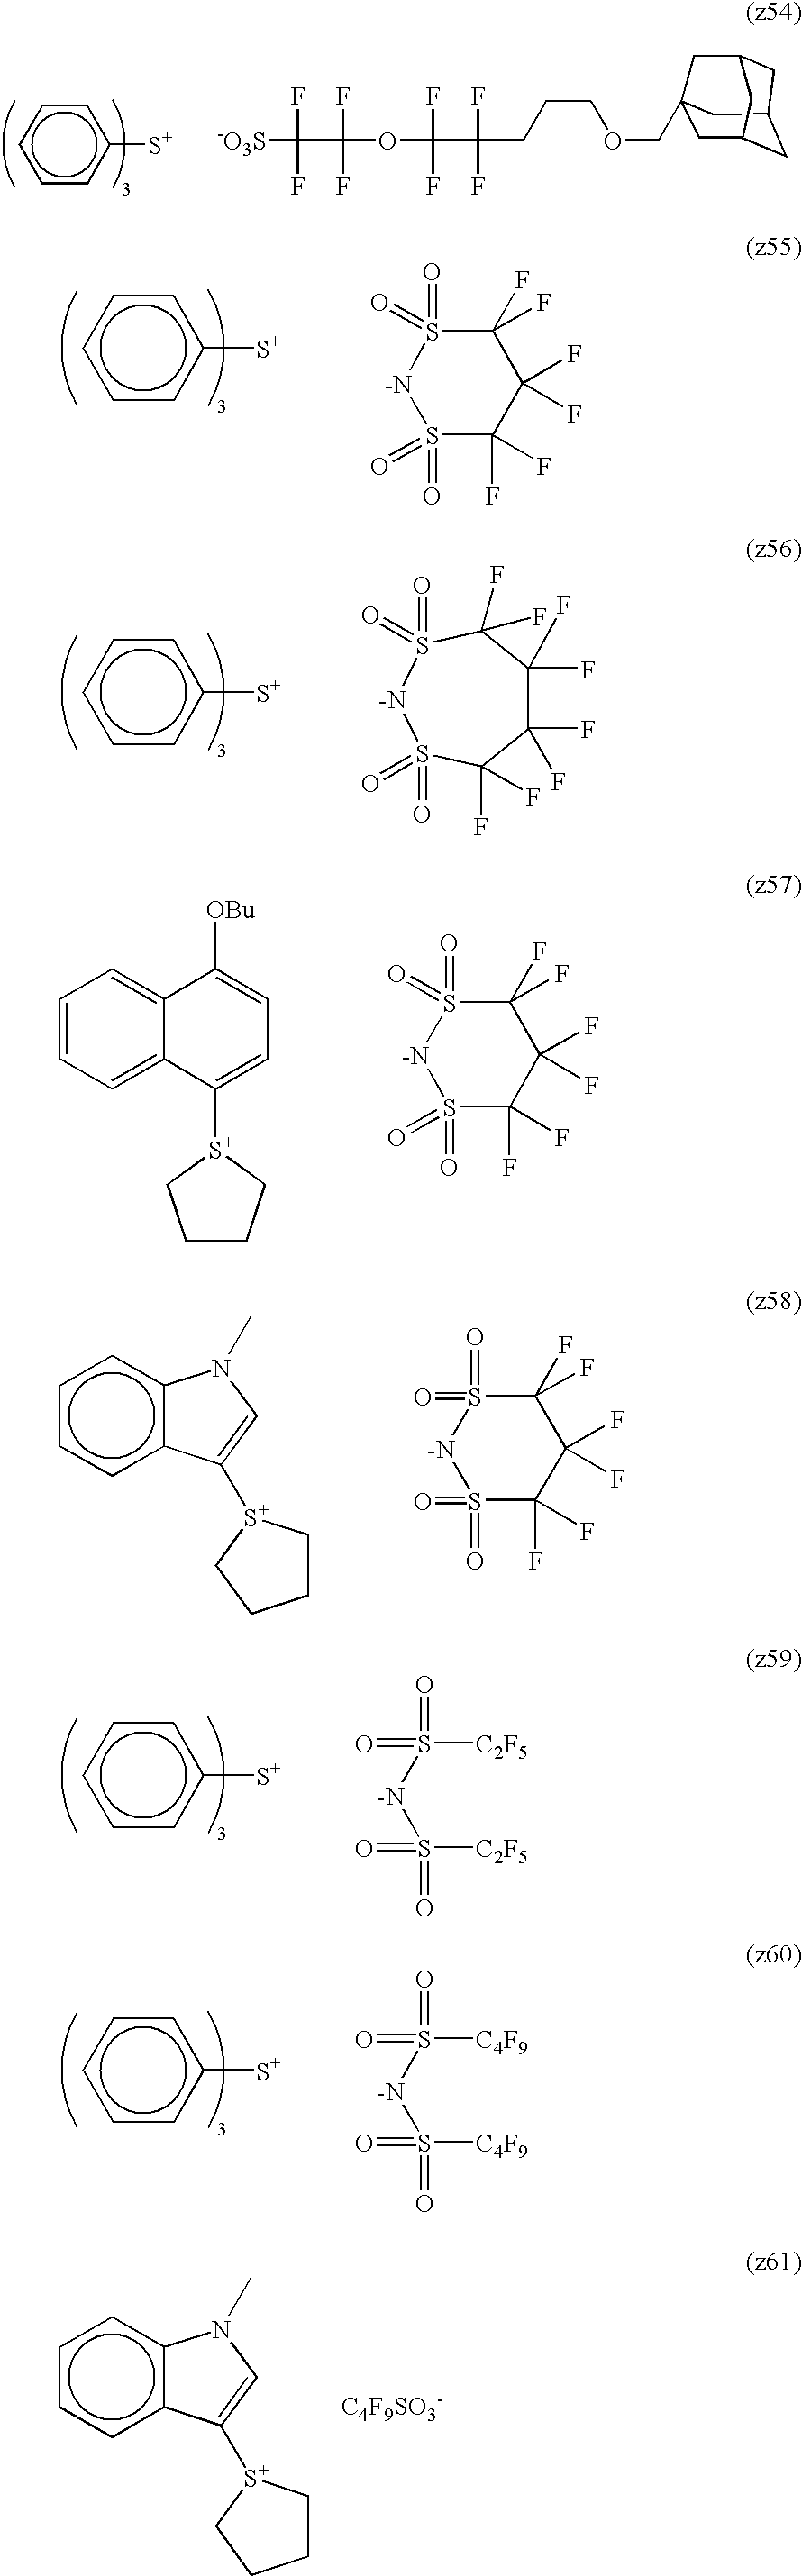 Figure US20100183975A1-20100722-C00227